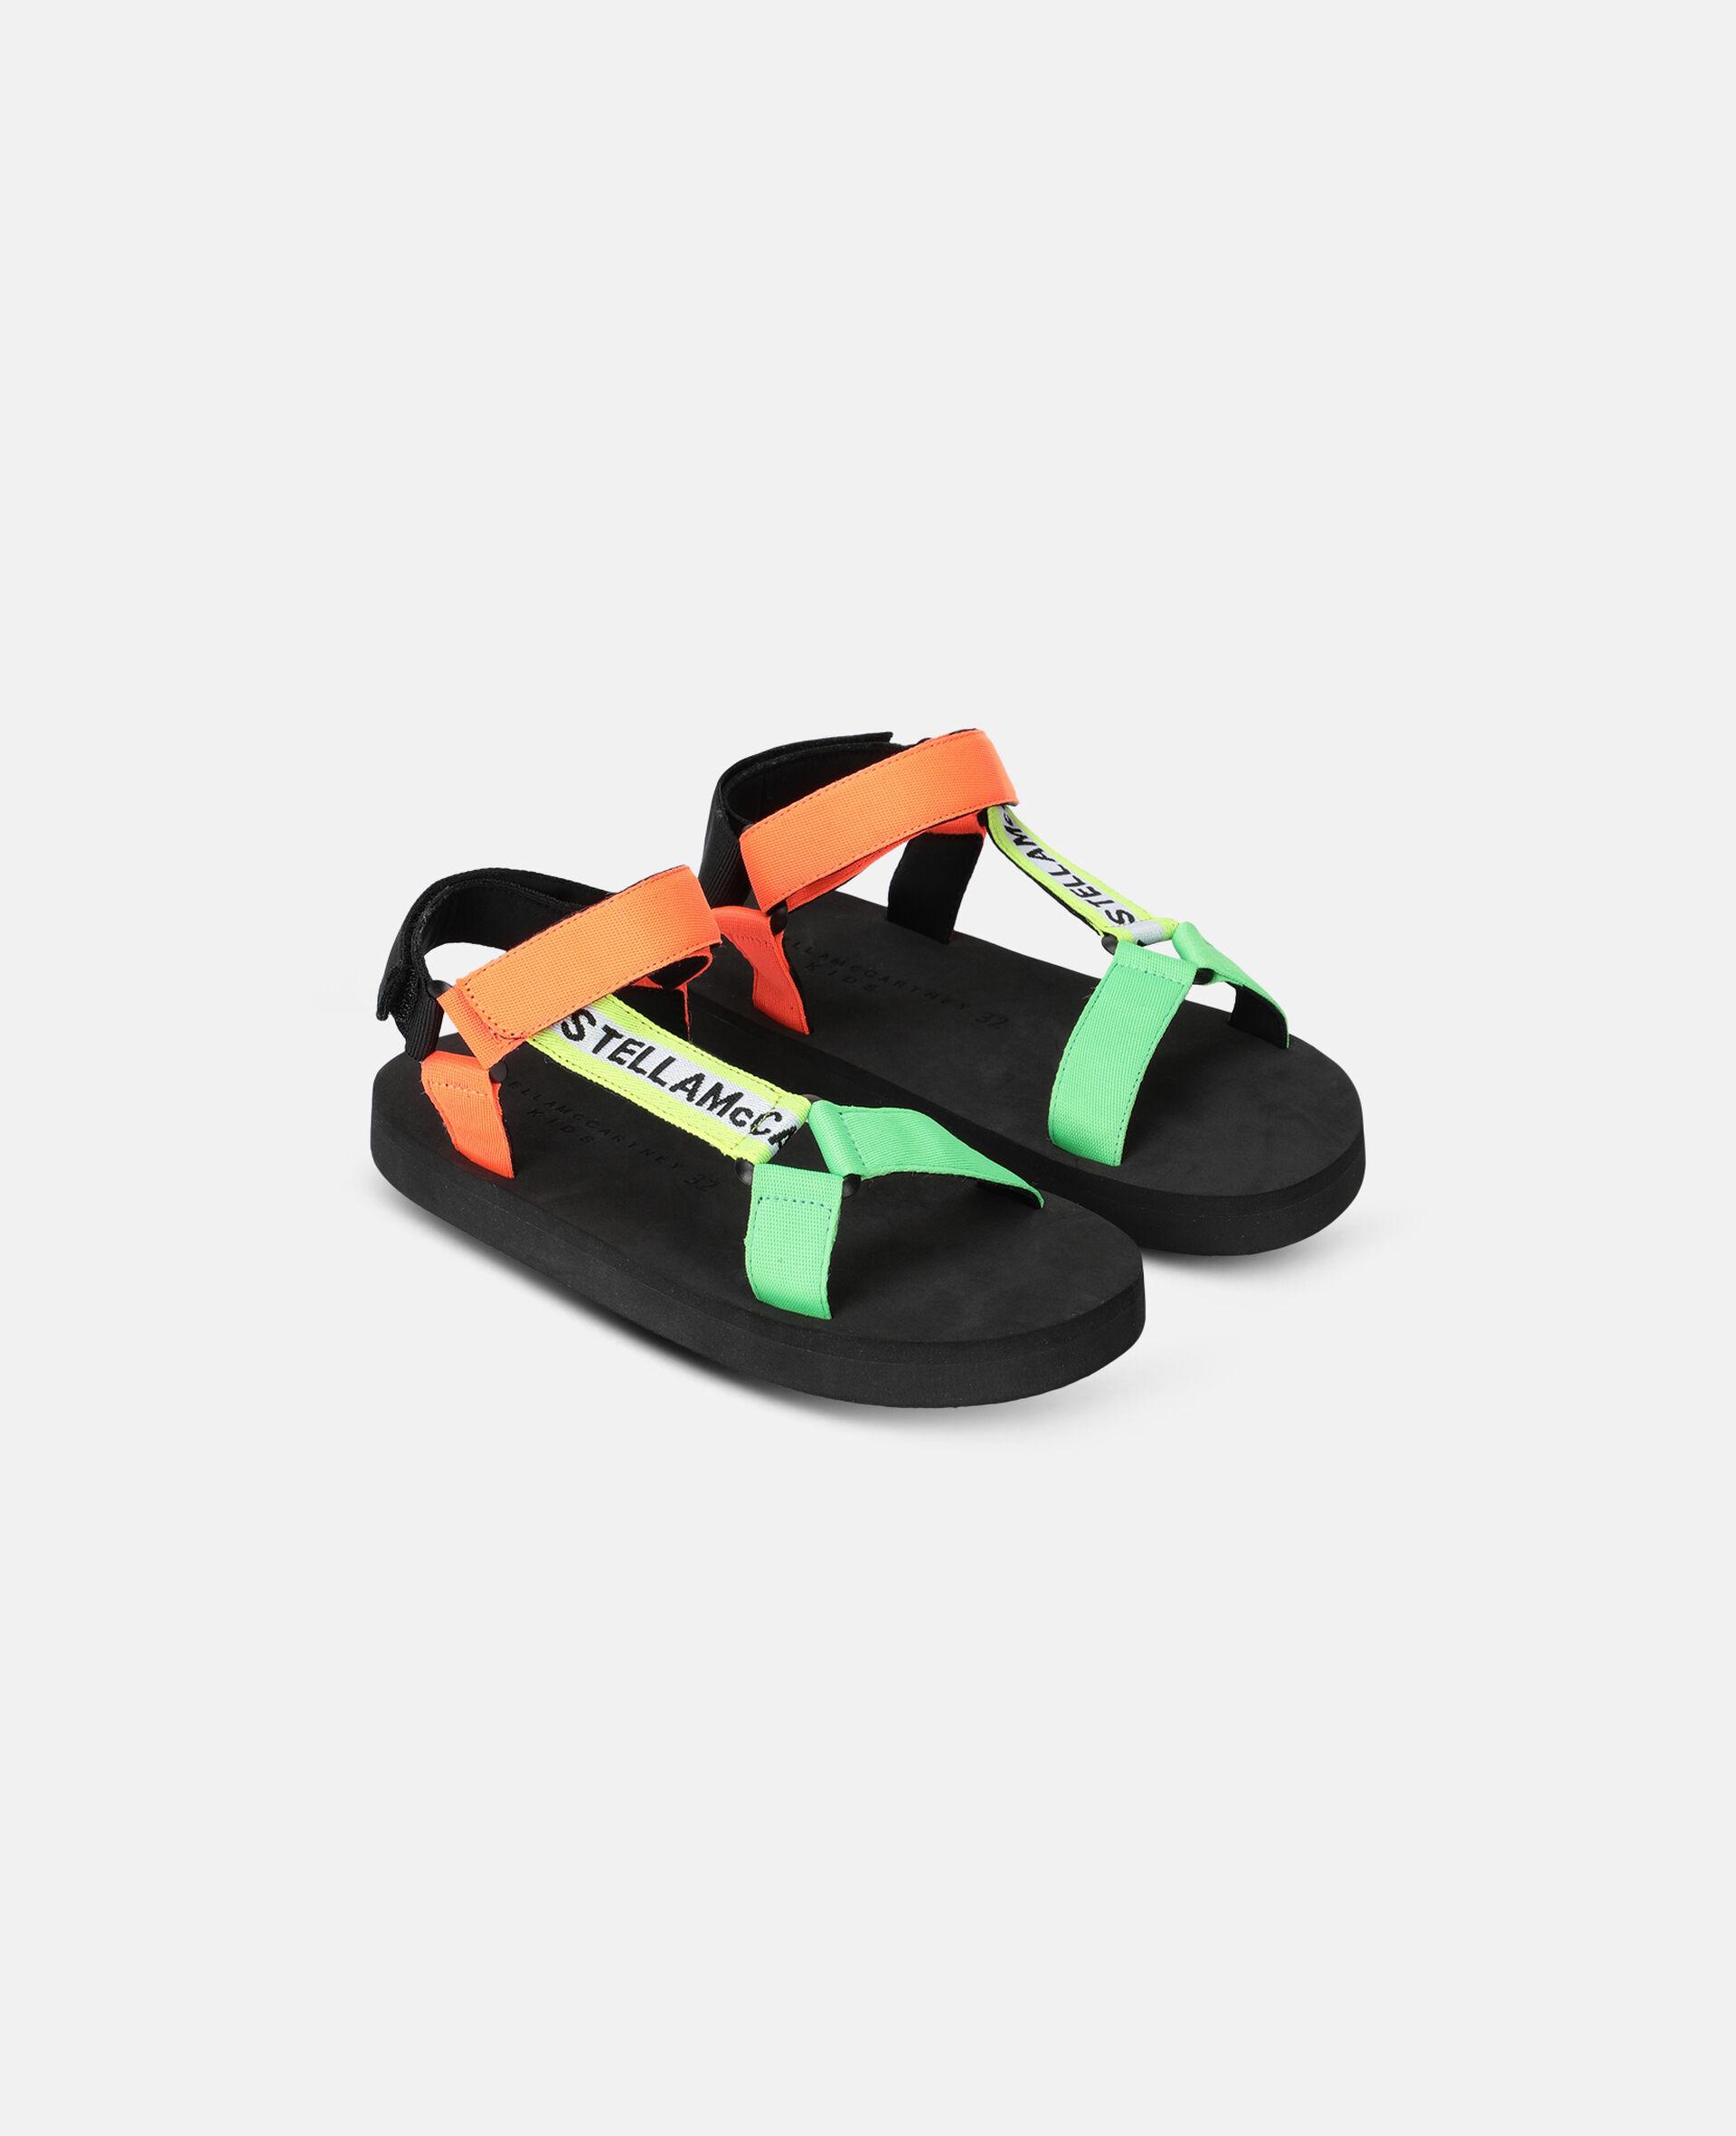 Sandales à bandes multicolores -Fantaisie-large image number 3